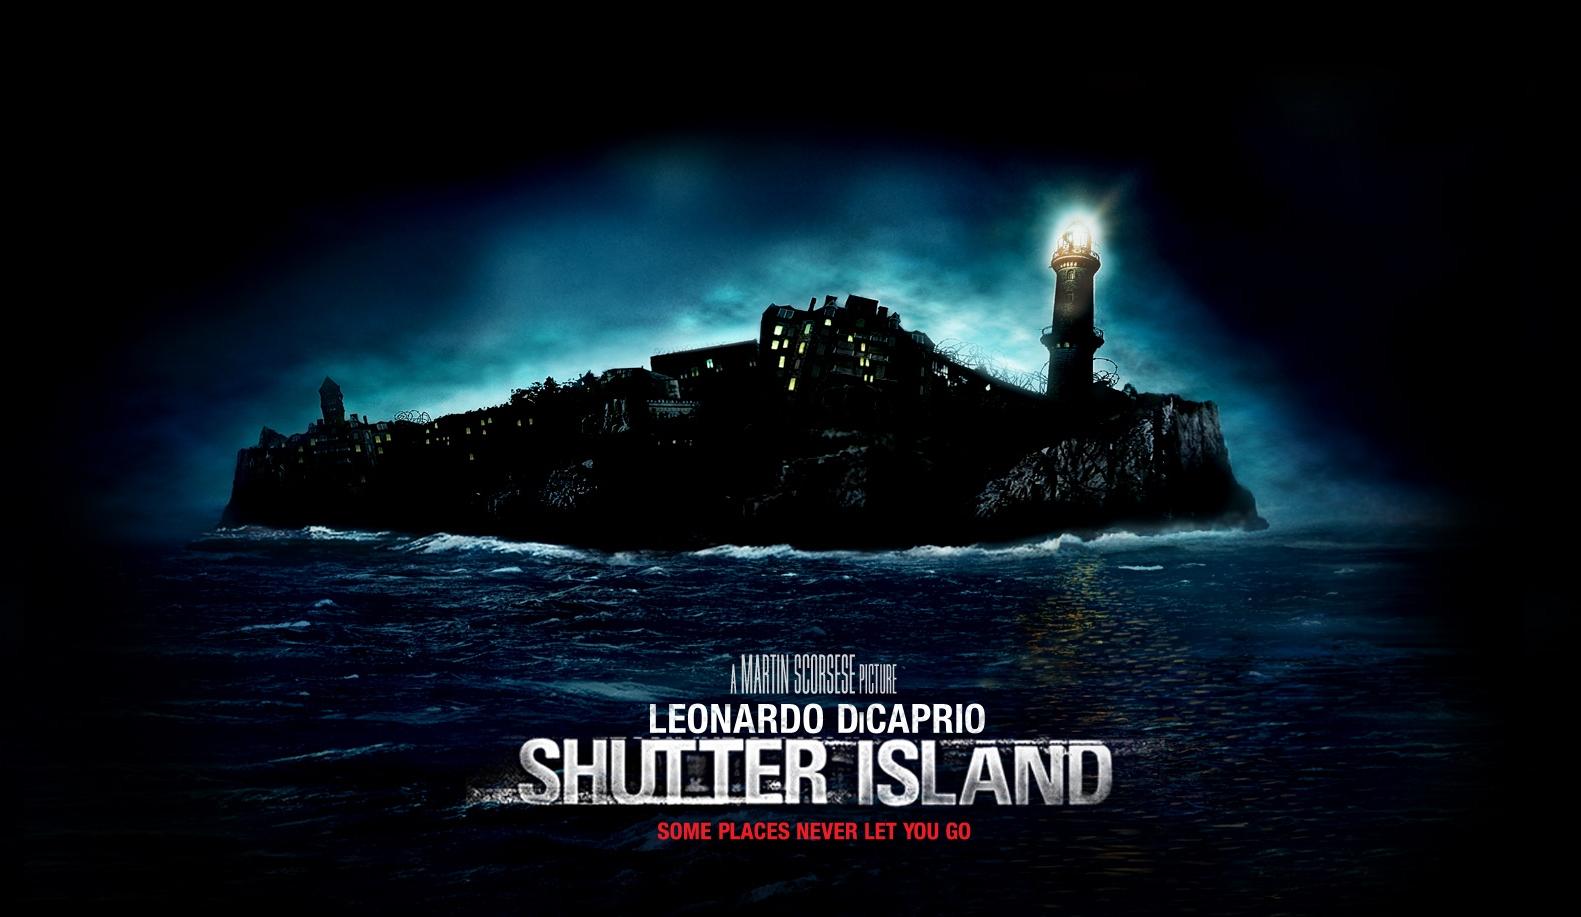 shutter_island_wallpaper_1600x1200_03.jpg